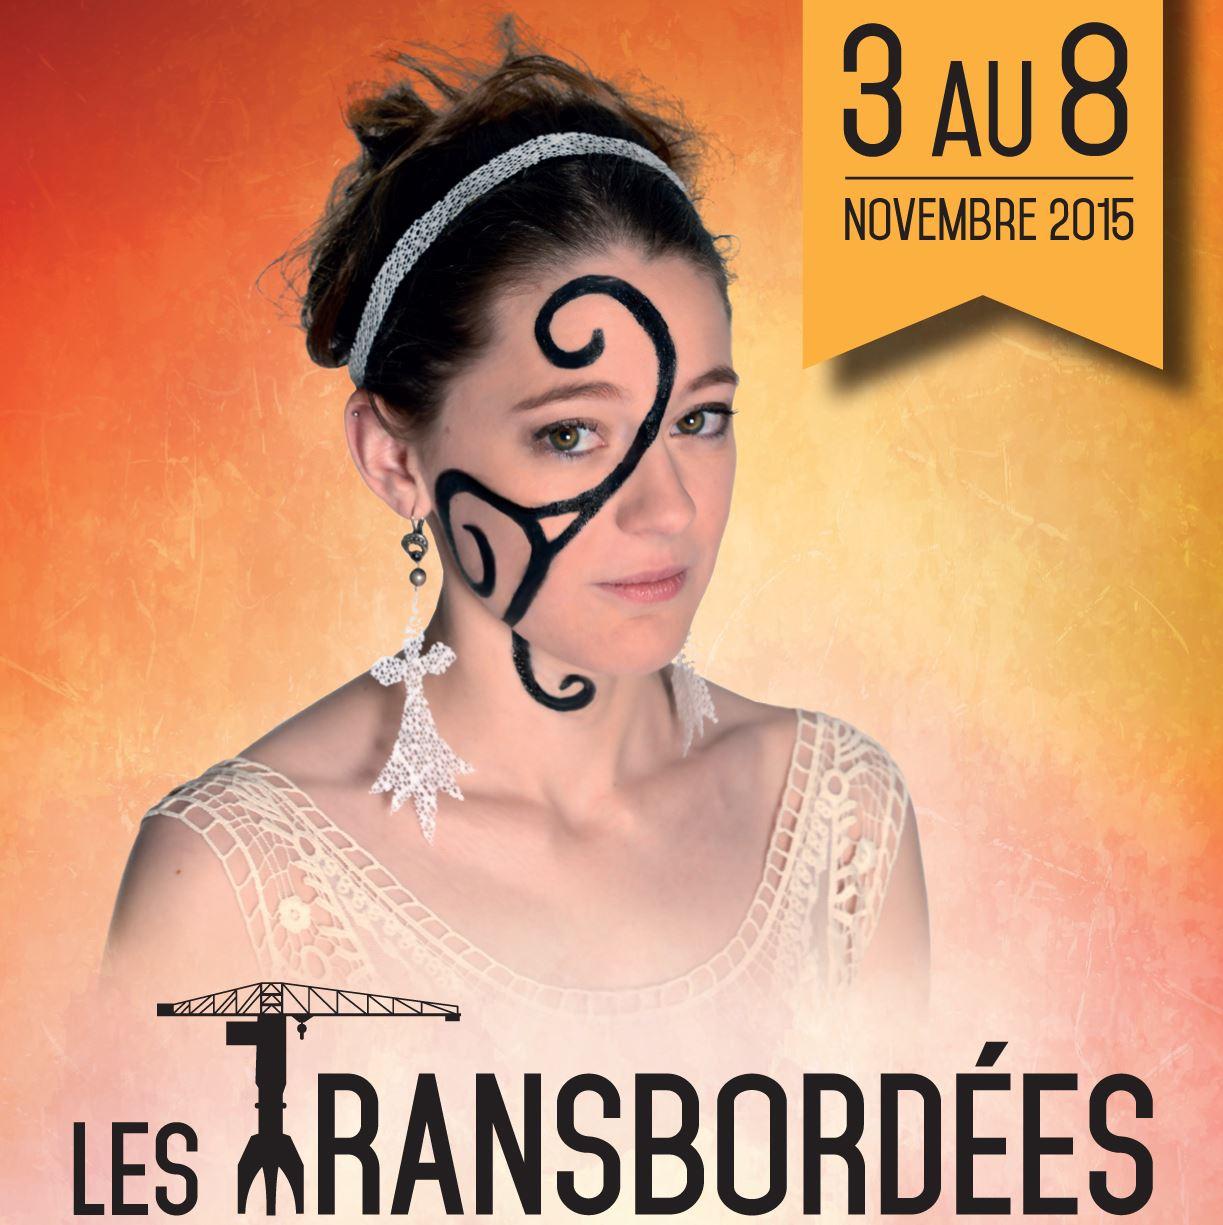 Les Transbordées - Fest-deiz ha noz + spectacle